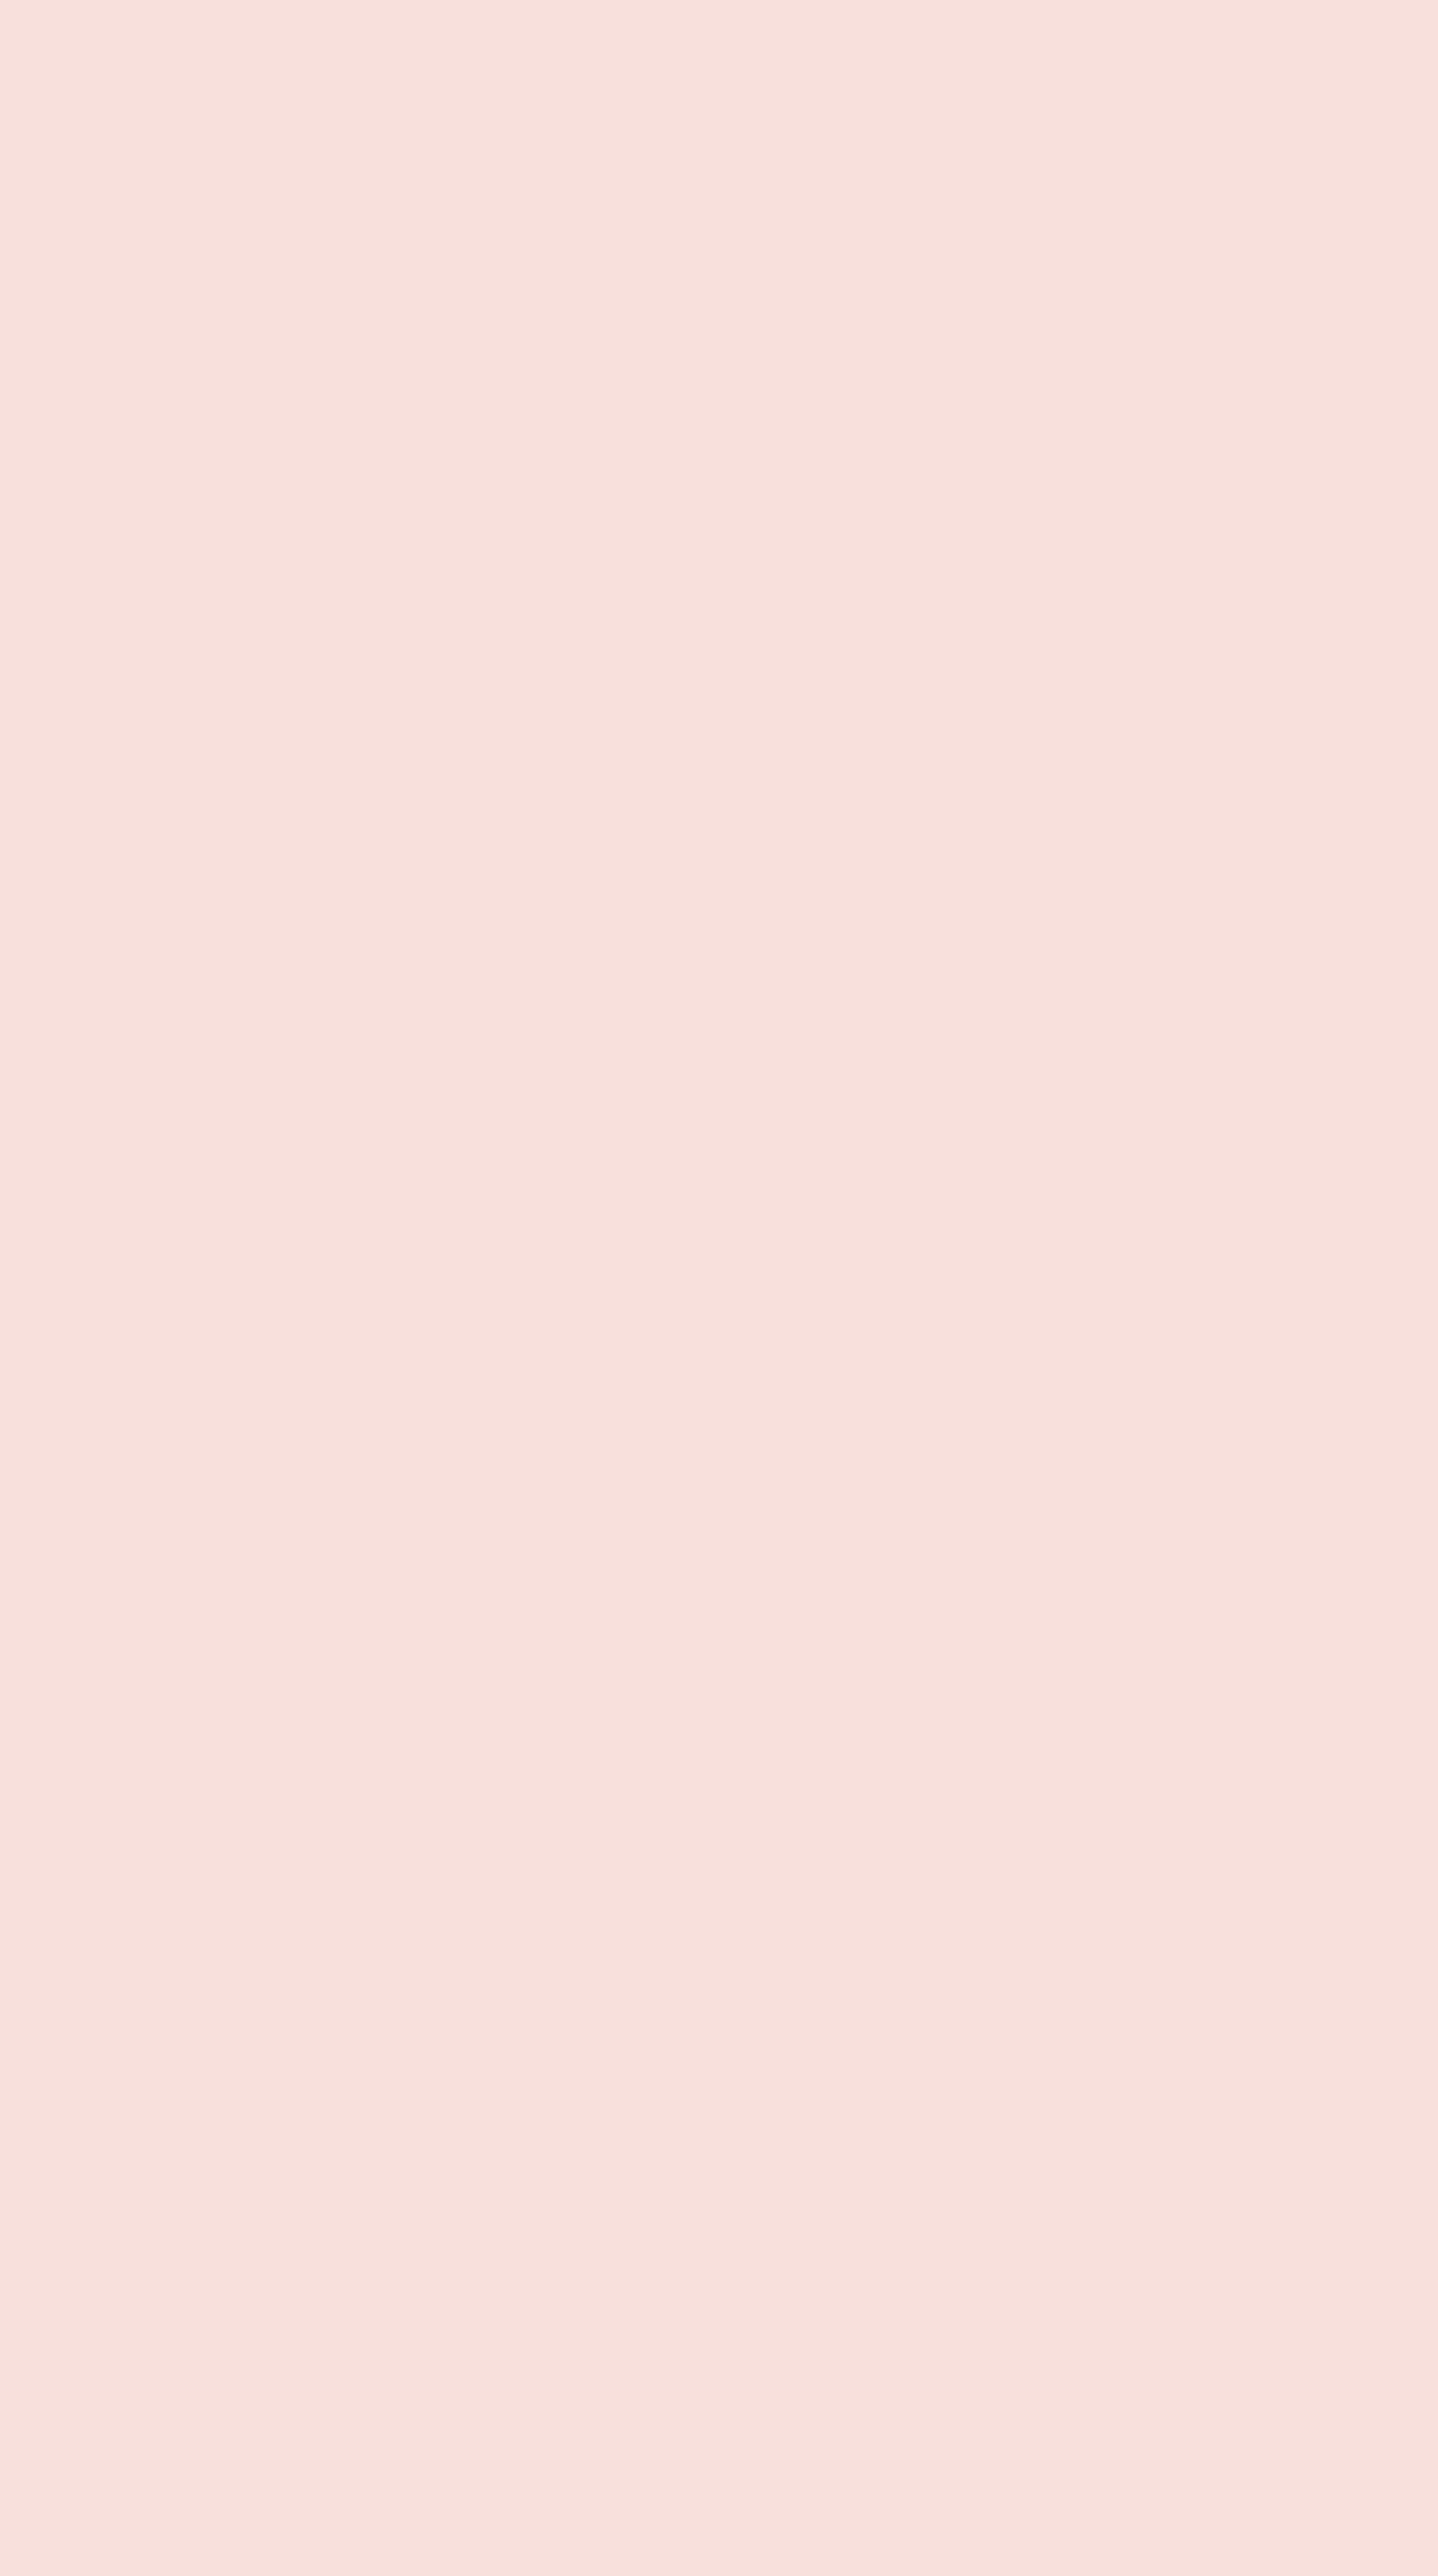 EcceMulier_ColorPalette-02.jpg